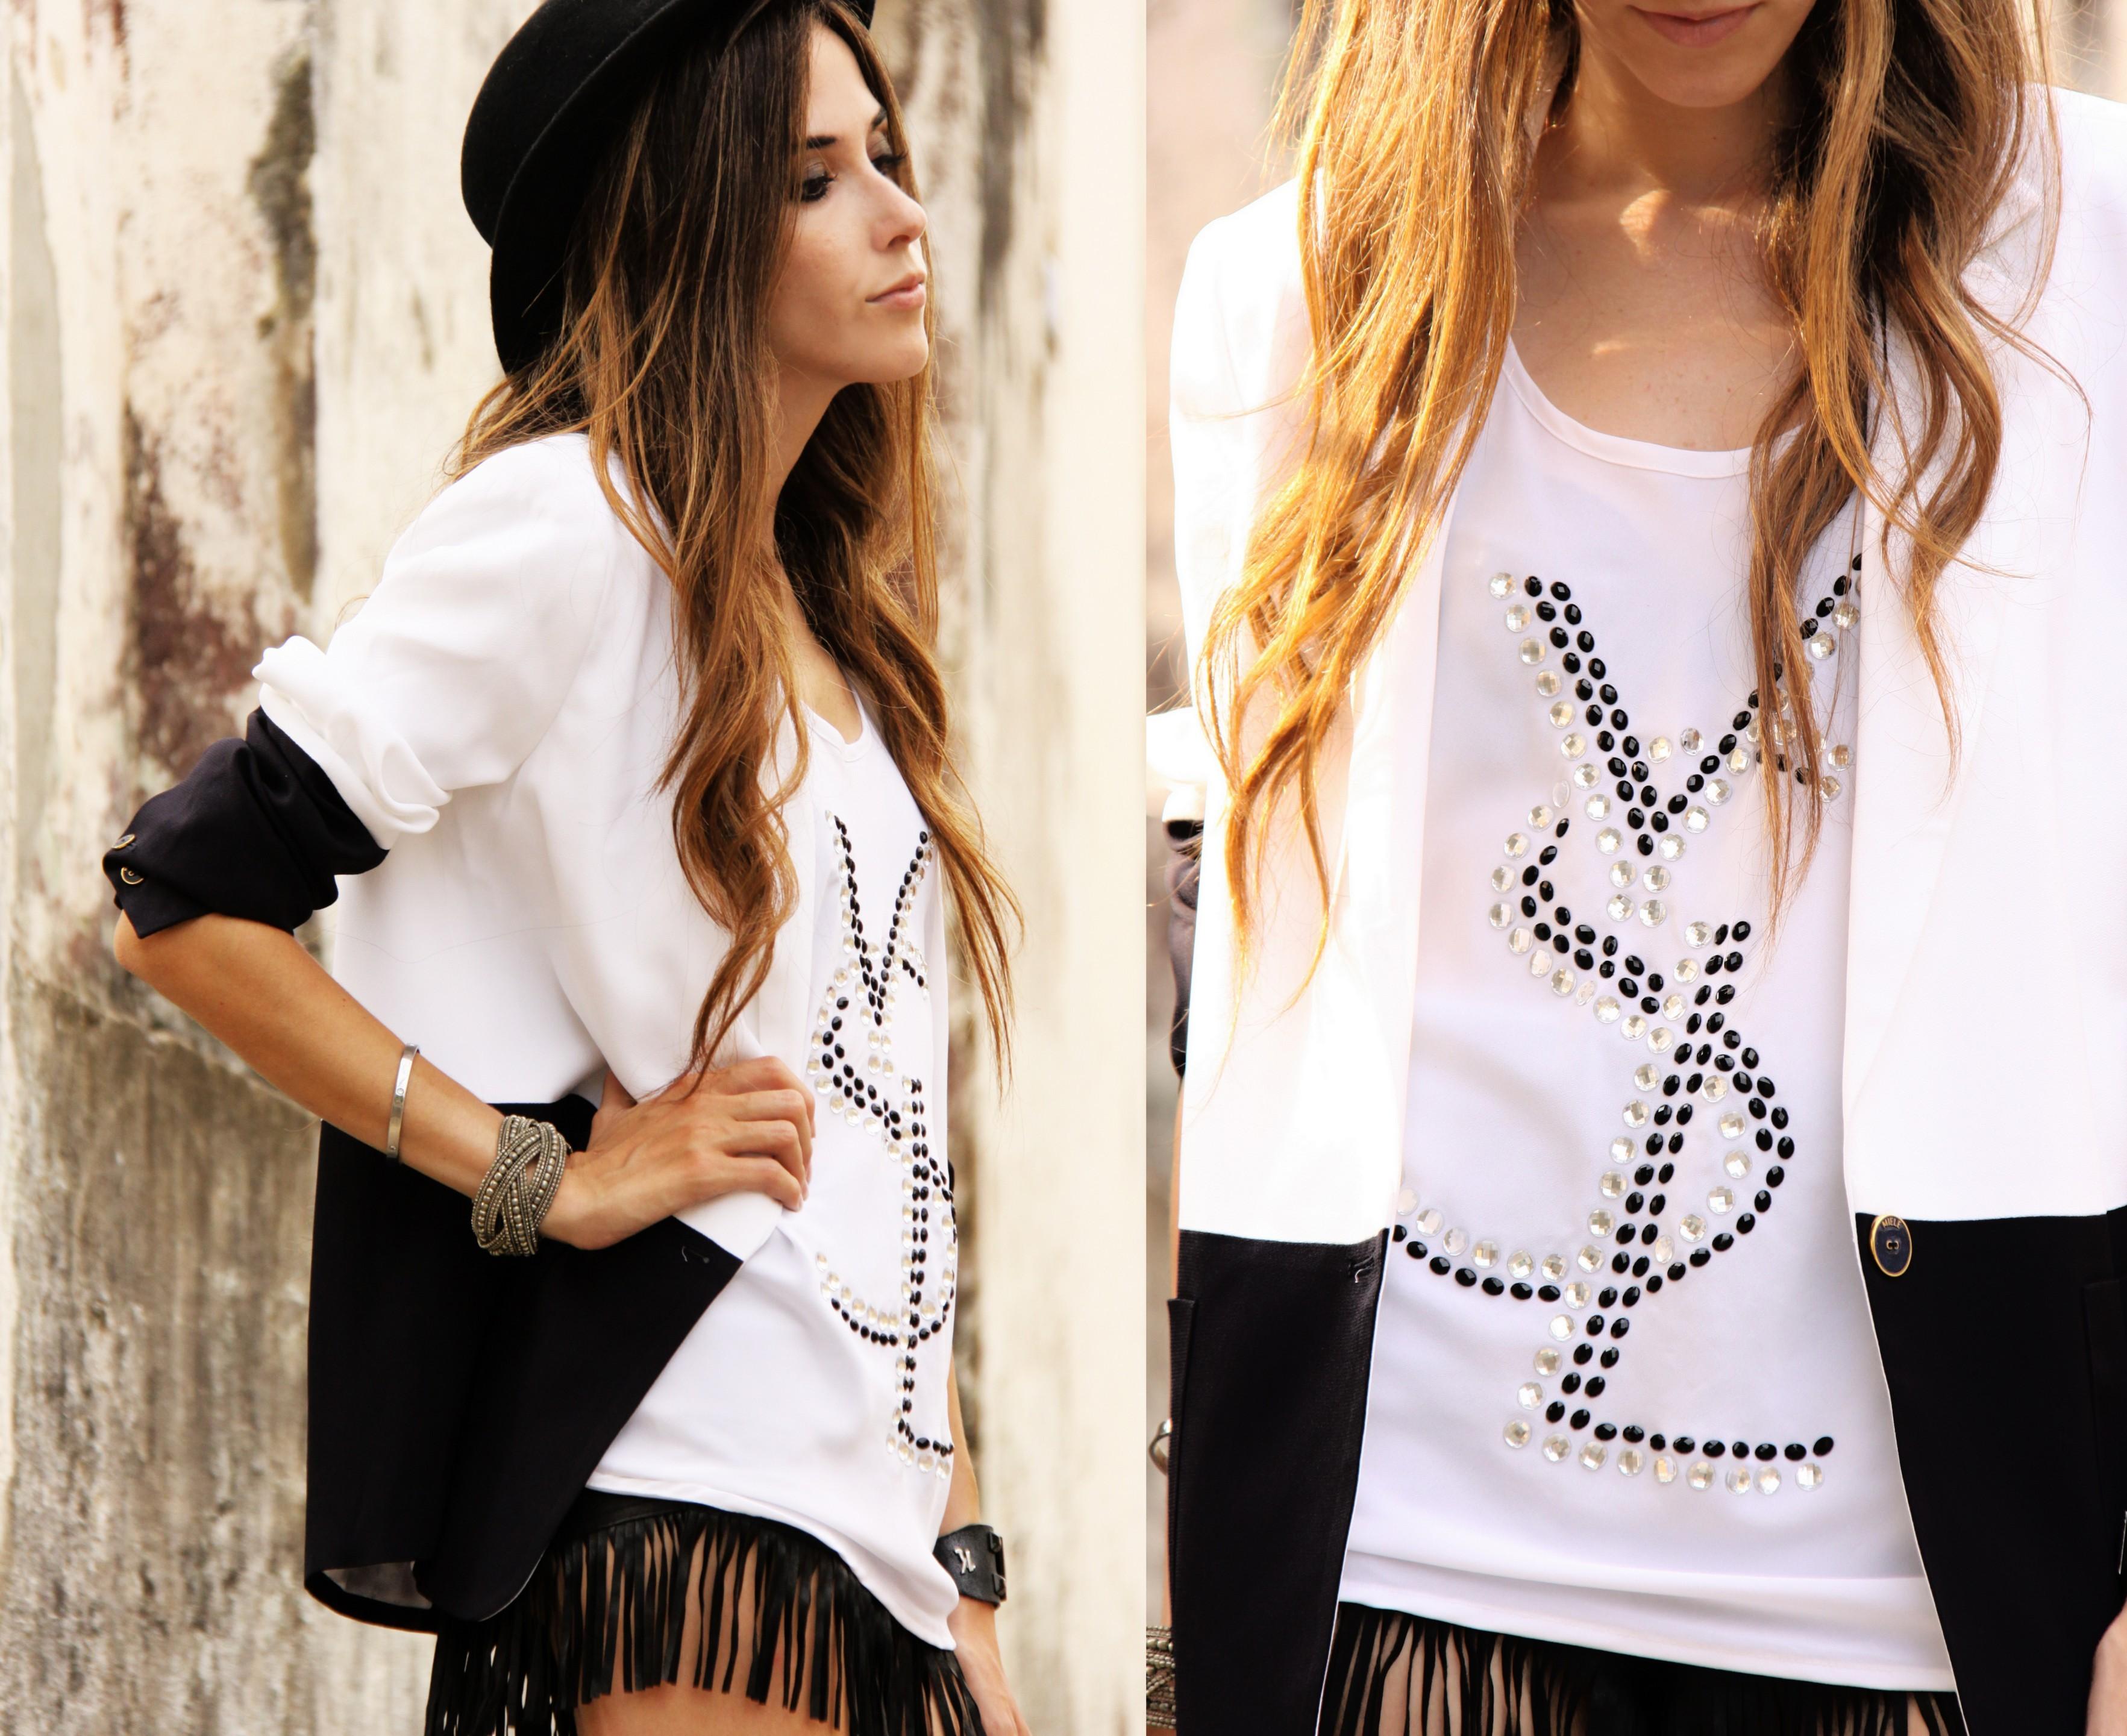 FashionCoolture - 08.03.2013 Farol Shopping liquidação bicolor preto e branco barroco t-shirt paris ysl arezzo promoção (6)